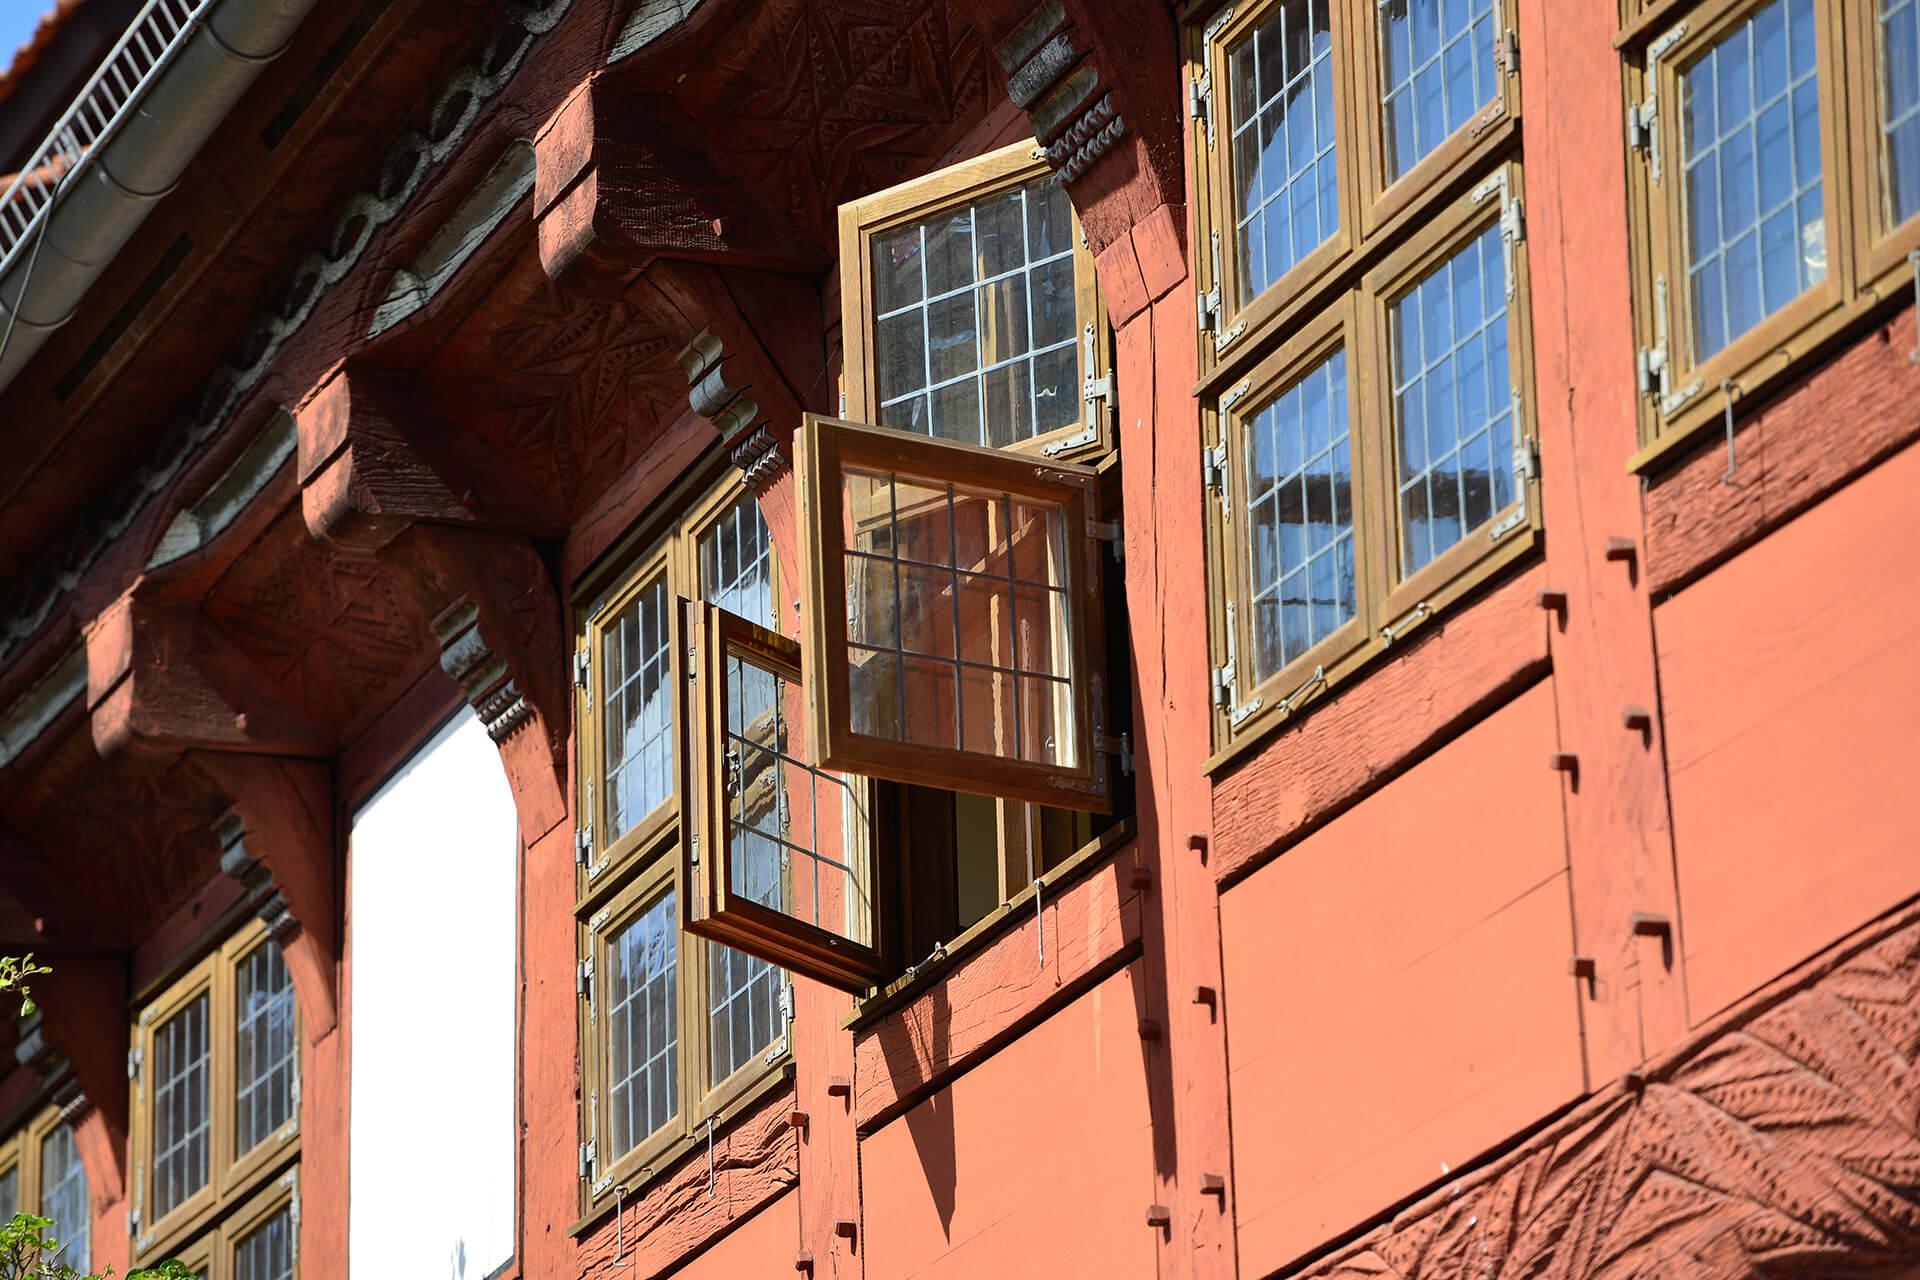 Fenster im Alten Rathaus